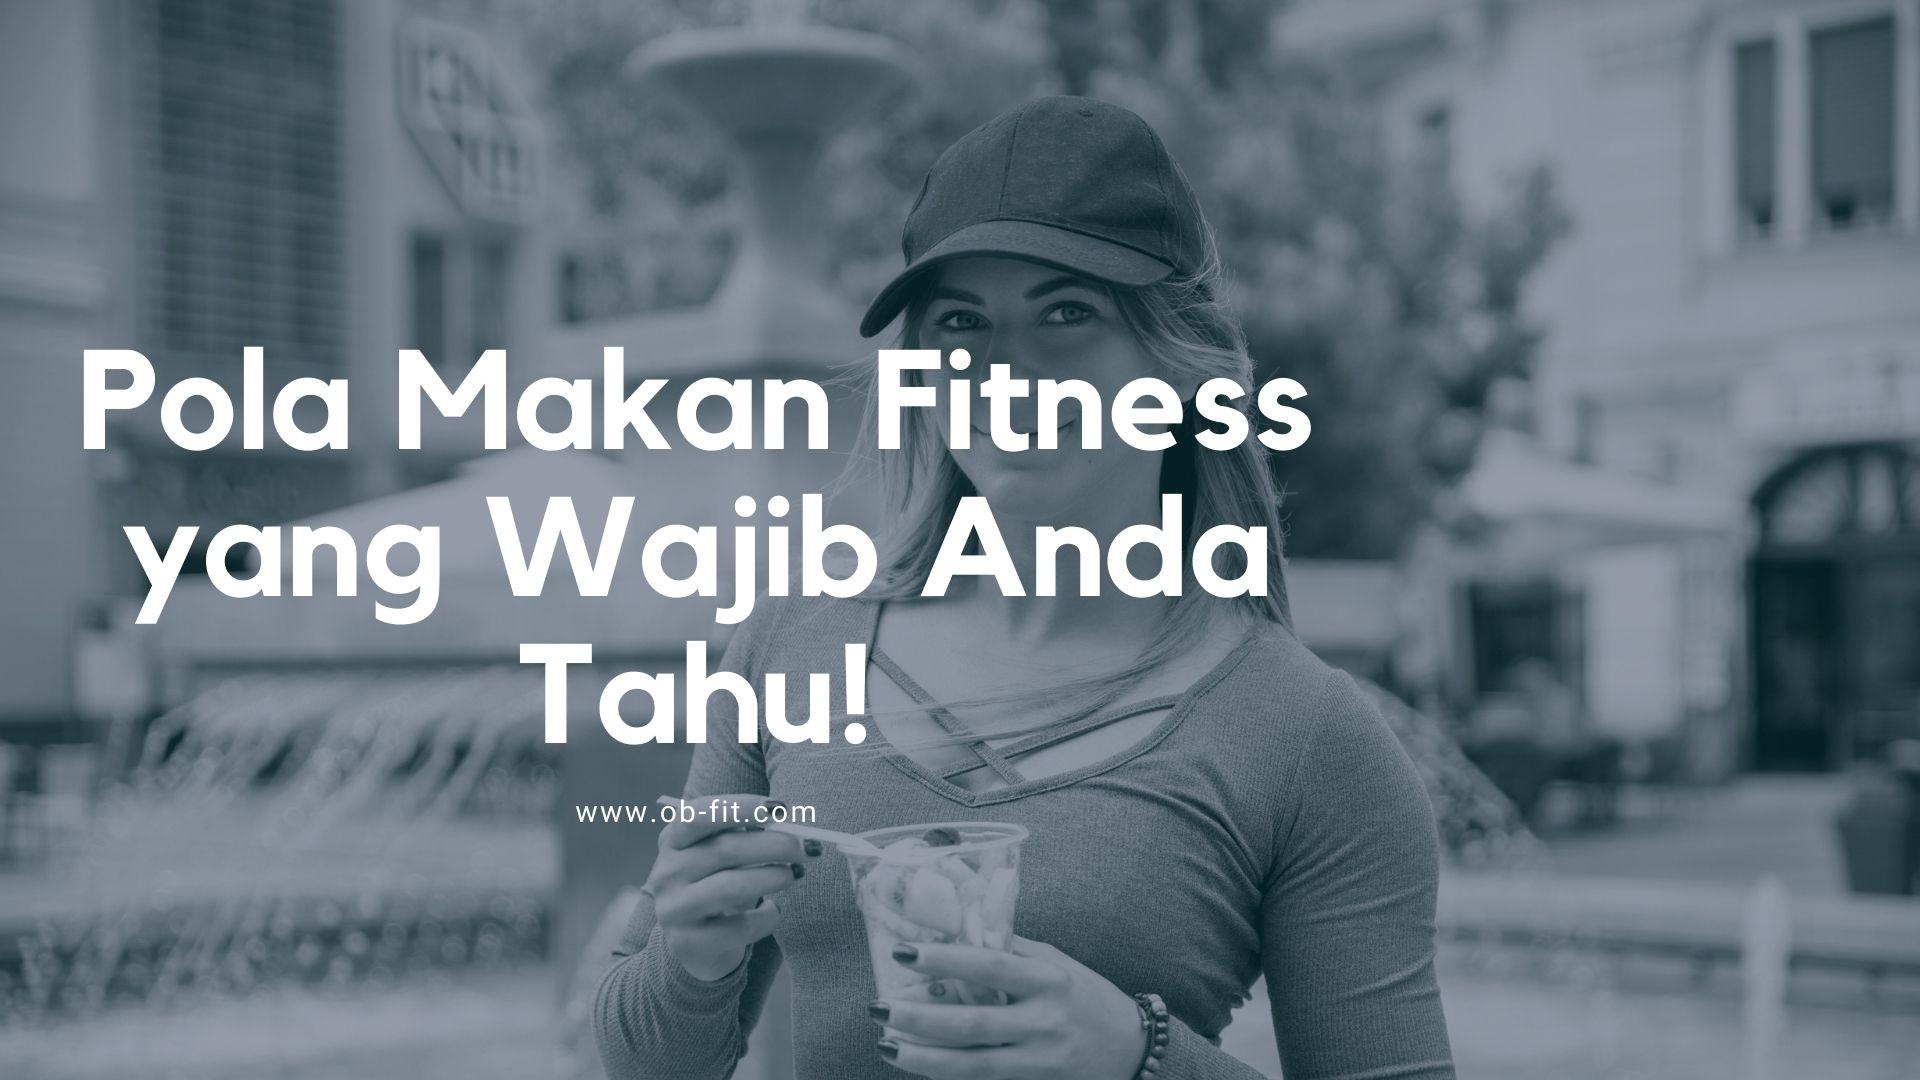 [Image: Pola-Makan-Fitness-yang-Wajib-Anda-Tahu....1080&ssl=1]